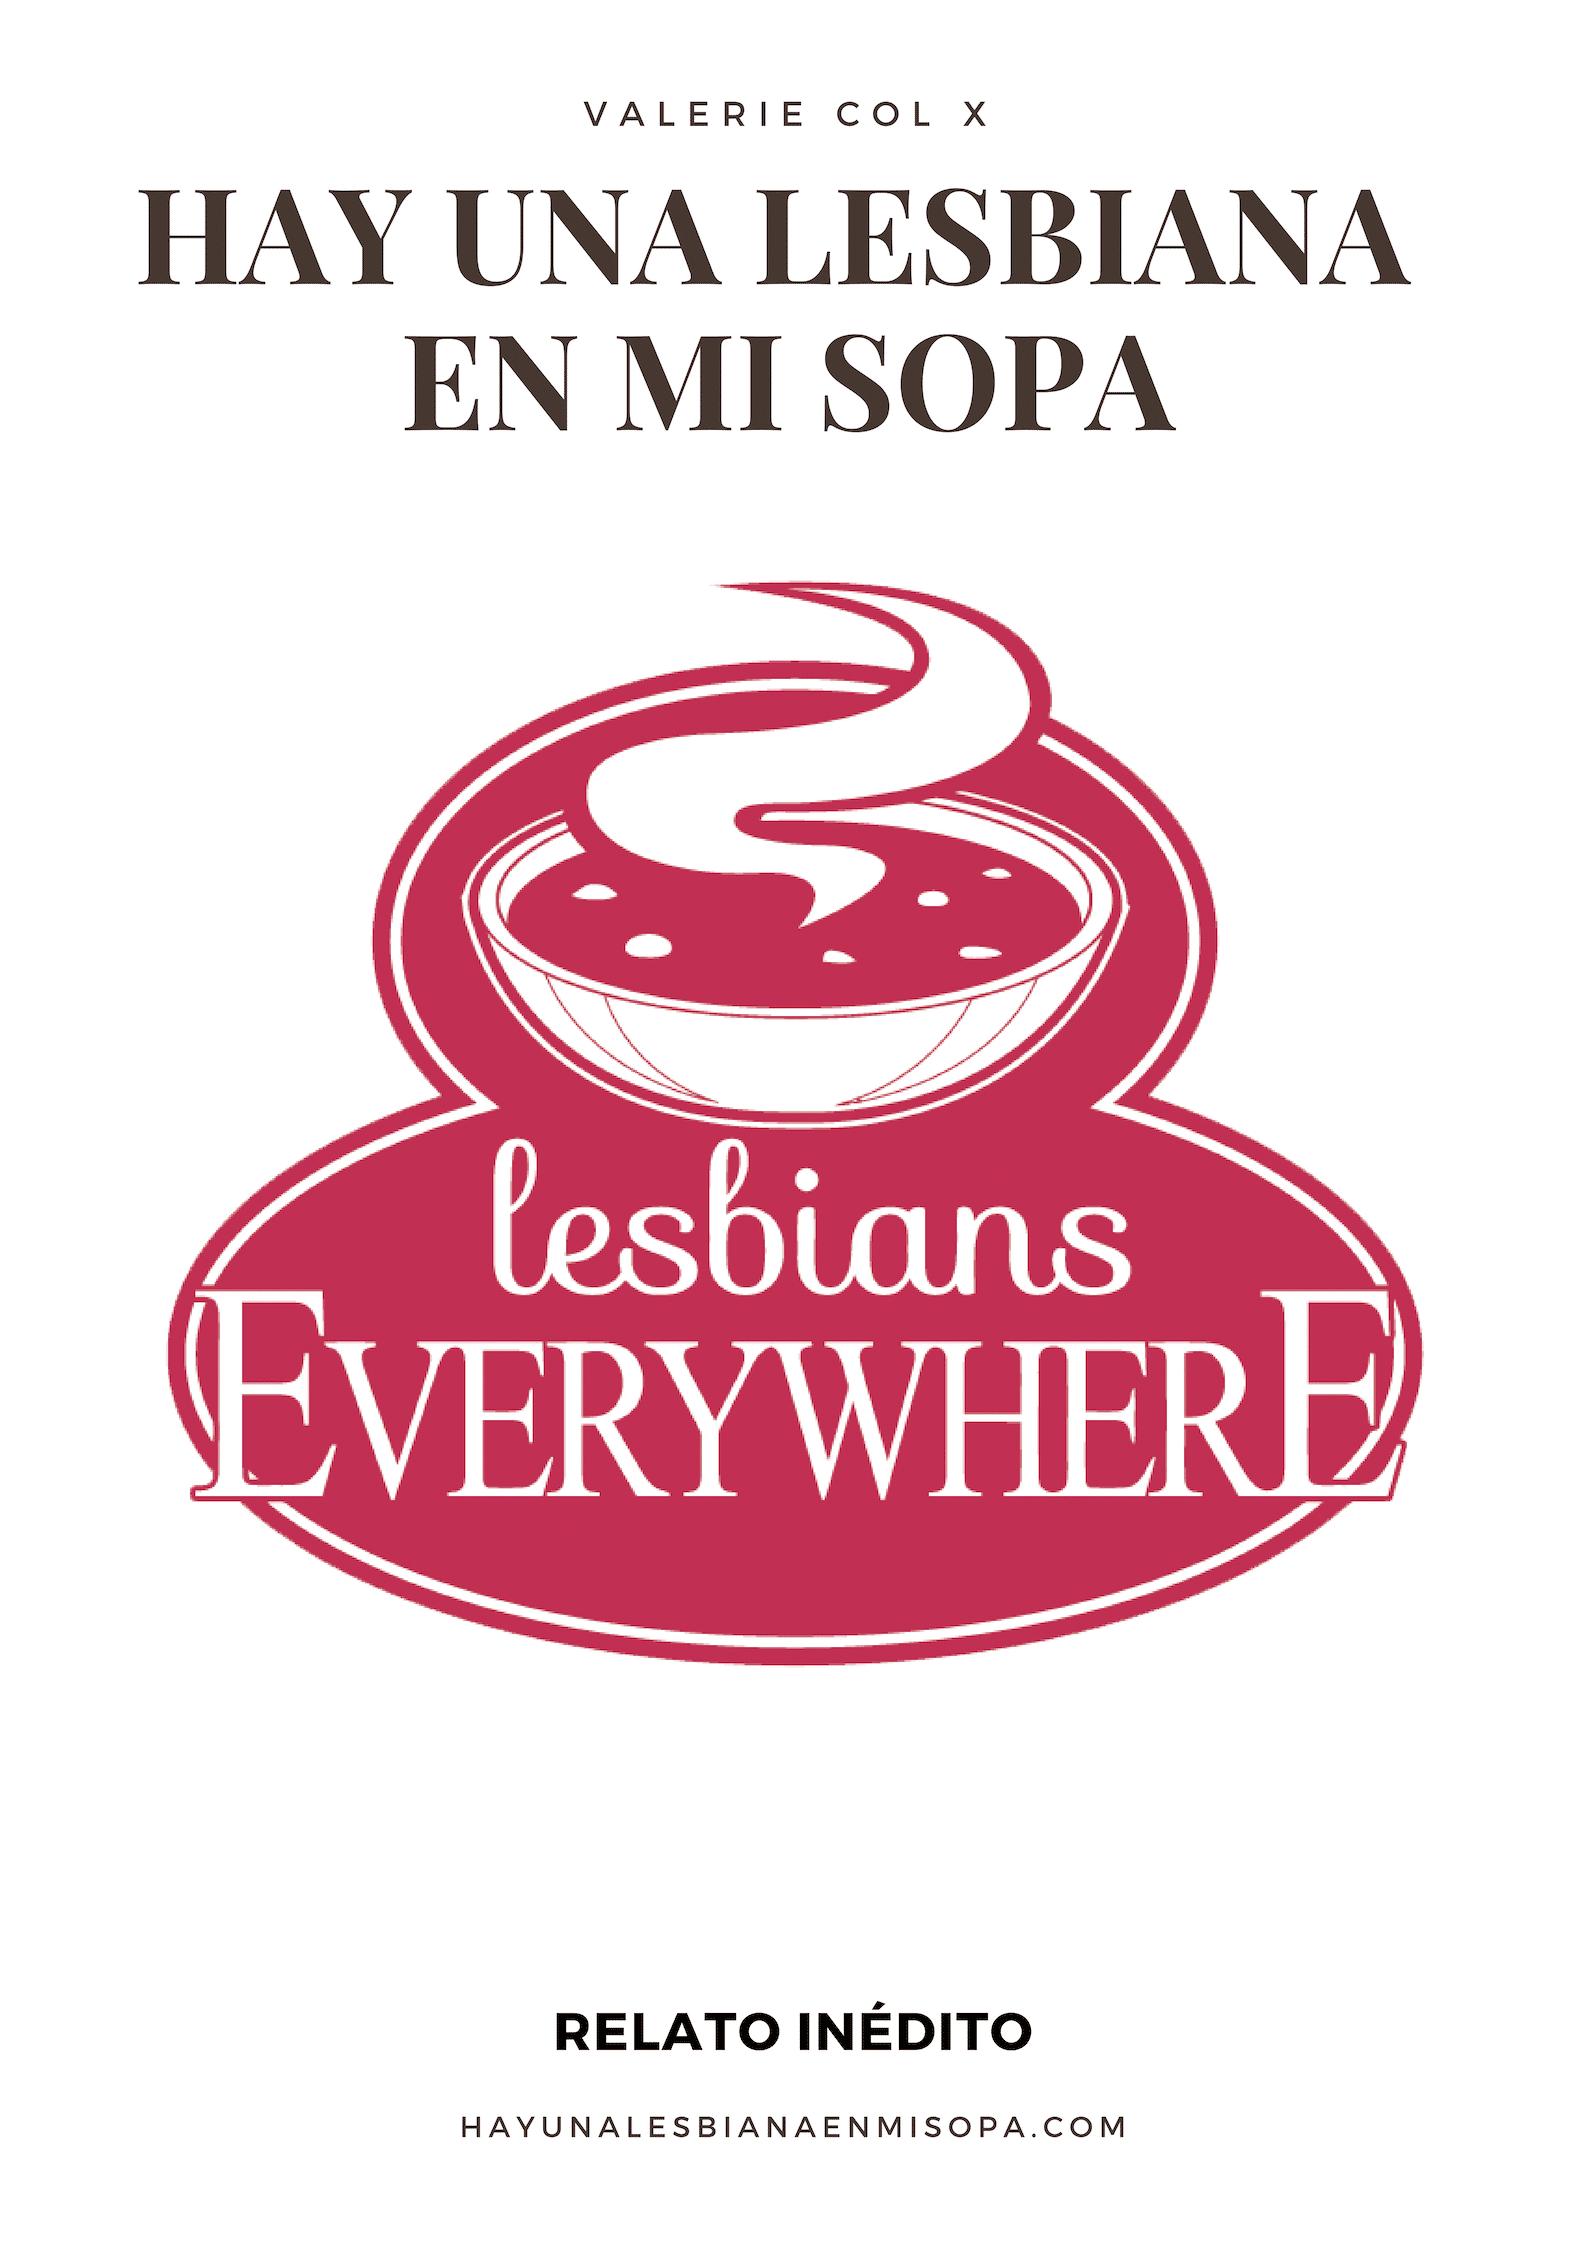 Hay una lesbiana en mi sopa - Relato inédito de Valerie Col: 1. Por fin